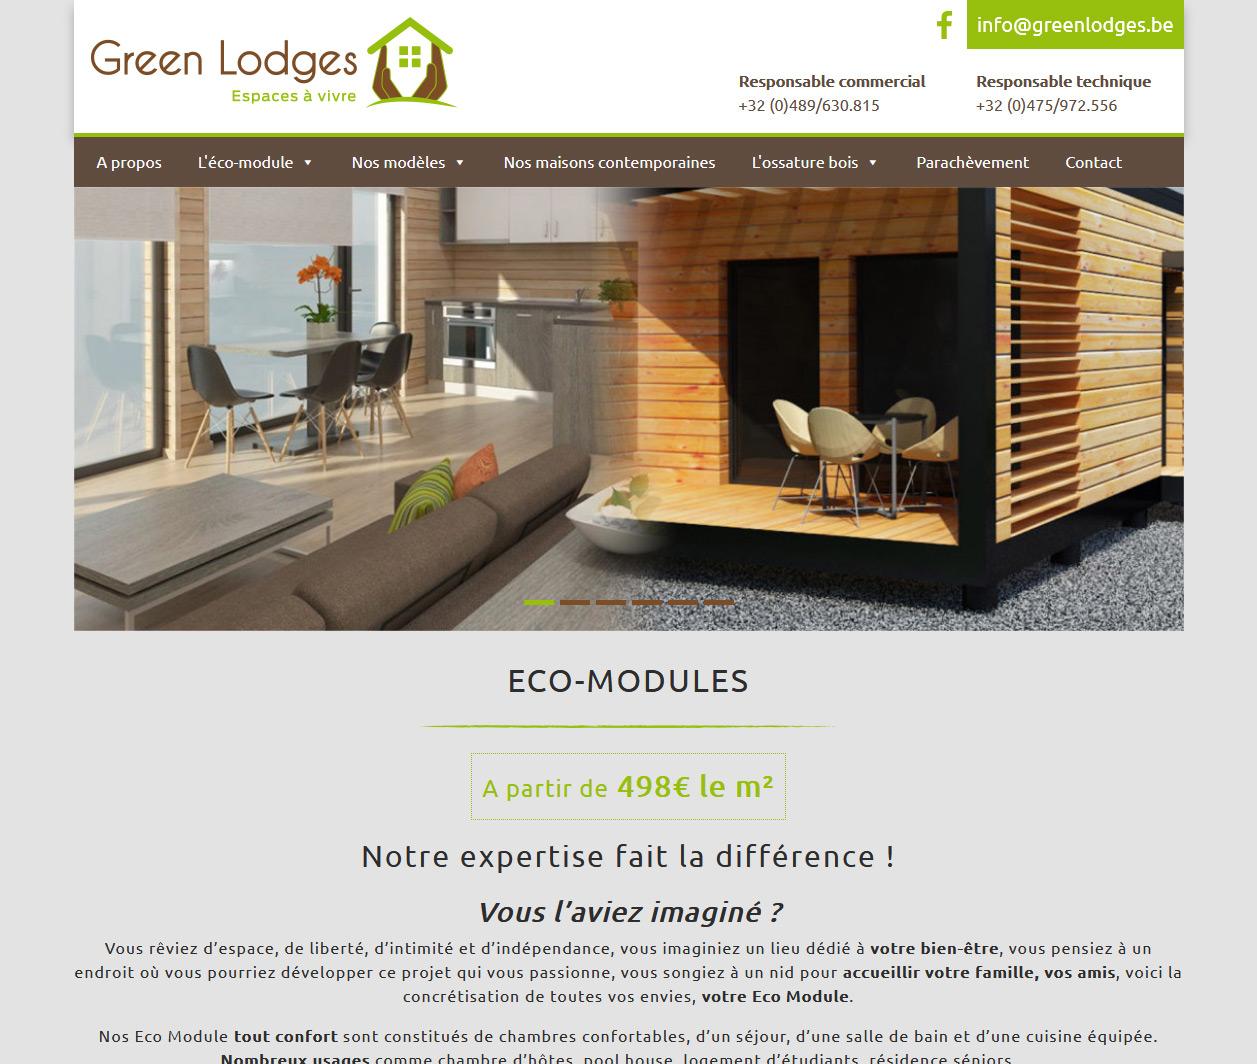 Green Lodges